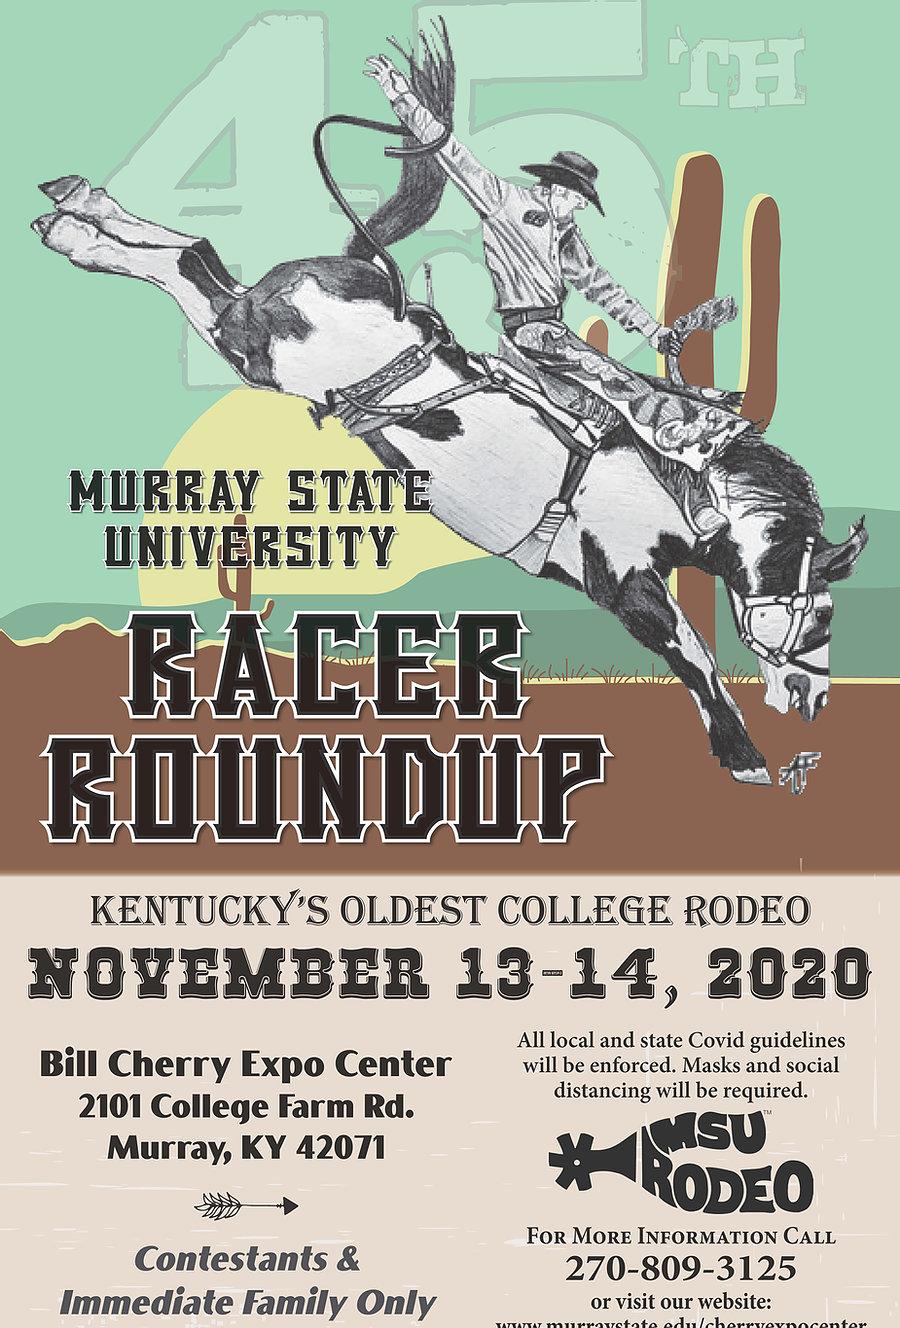 msu rodeo event